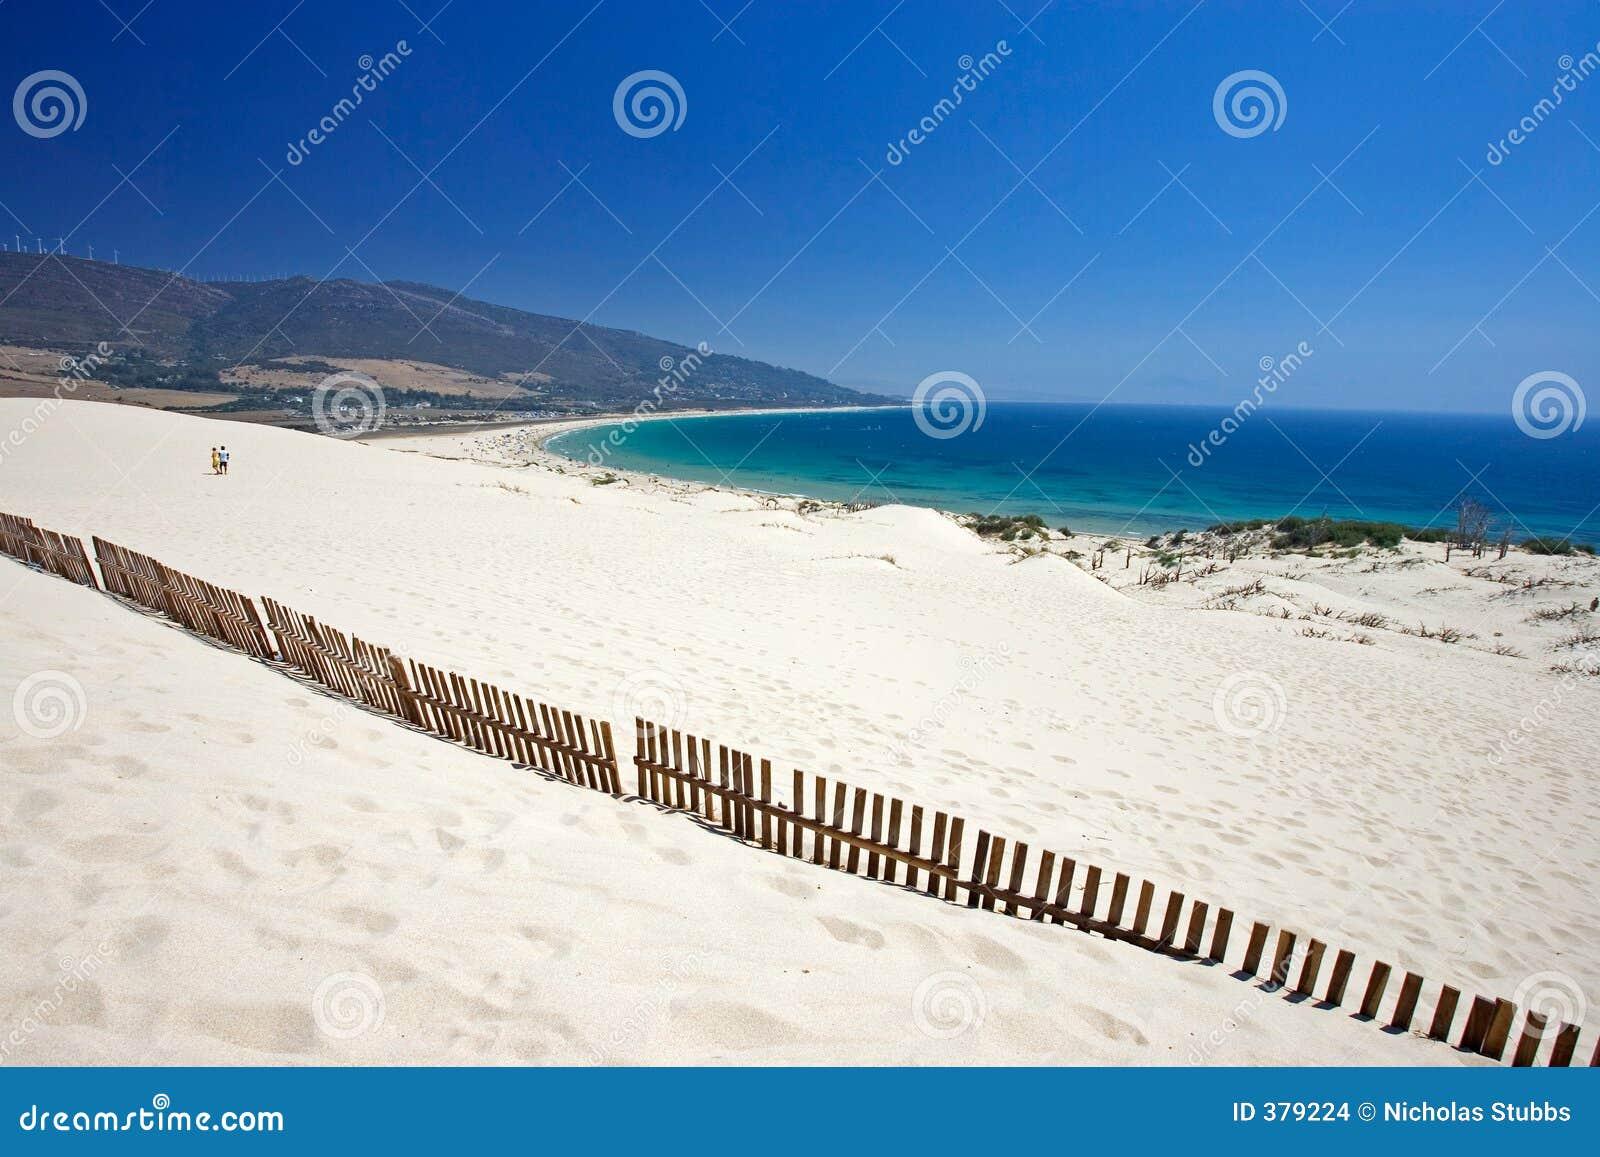 Vieille frontière de sécurité collant hors des dunes abandonnées de plage sablonneuse